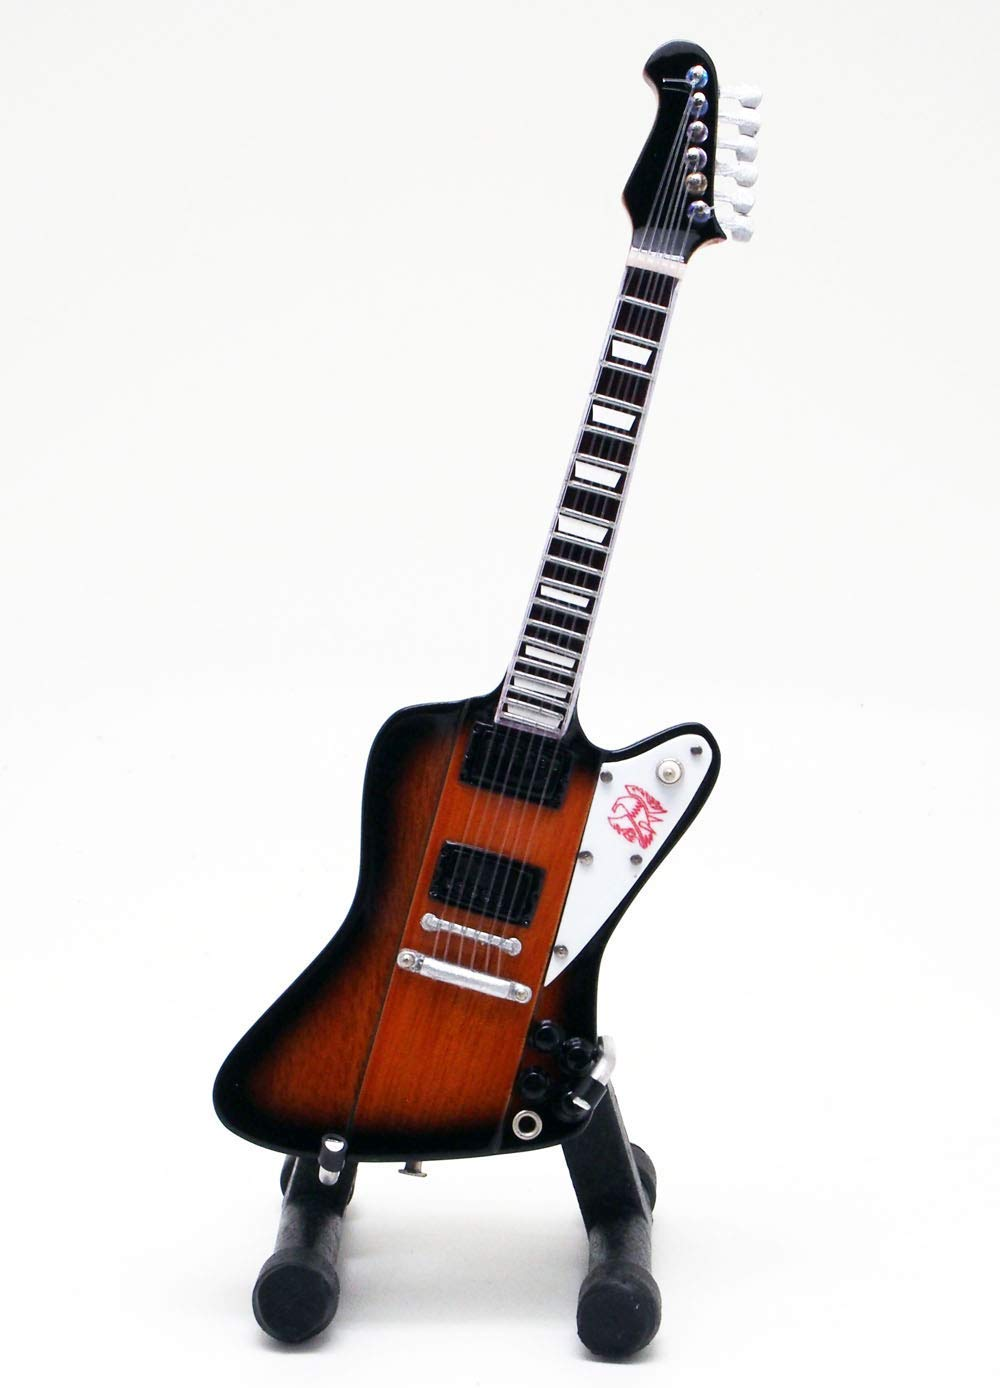 15cm ミニチュア ギター フィギュア ファイヤーバード スタイル画像